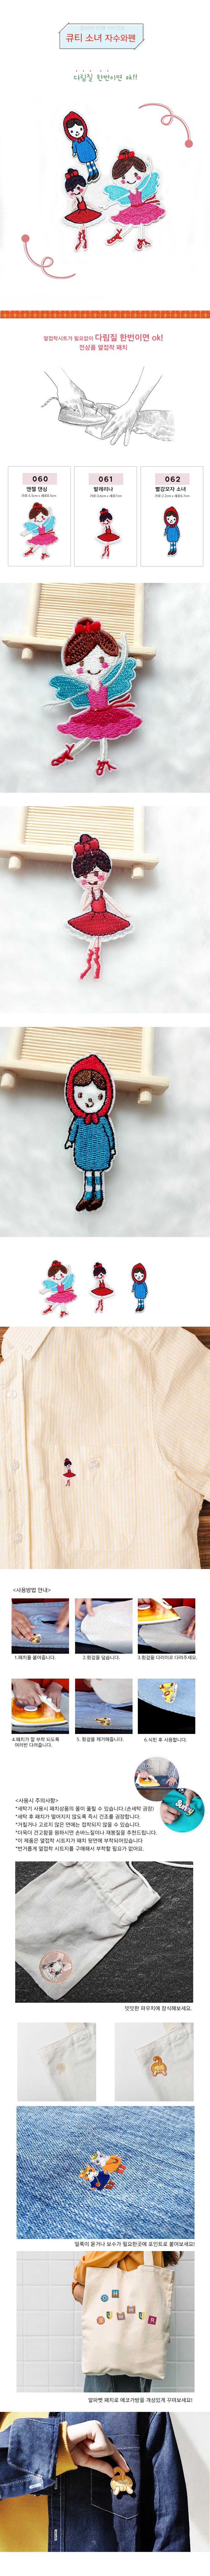 8. 큐티 소녀 자수와펜 열접착 자수패치 명찰 이름표(수량1개) - 키즈네임, 1,690원, 장식소품, 이니셜/알파벳모형